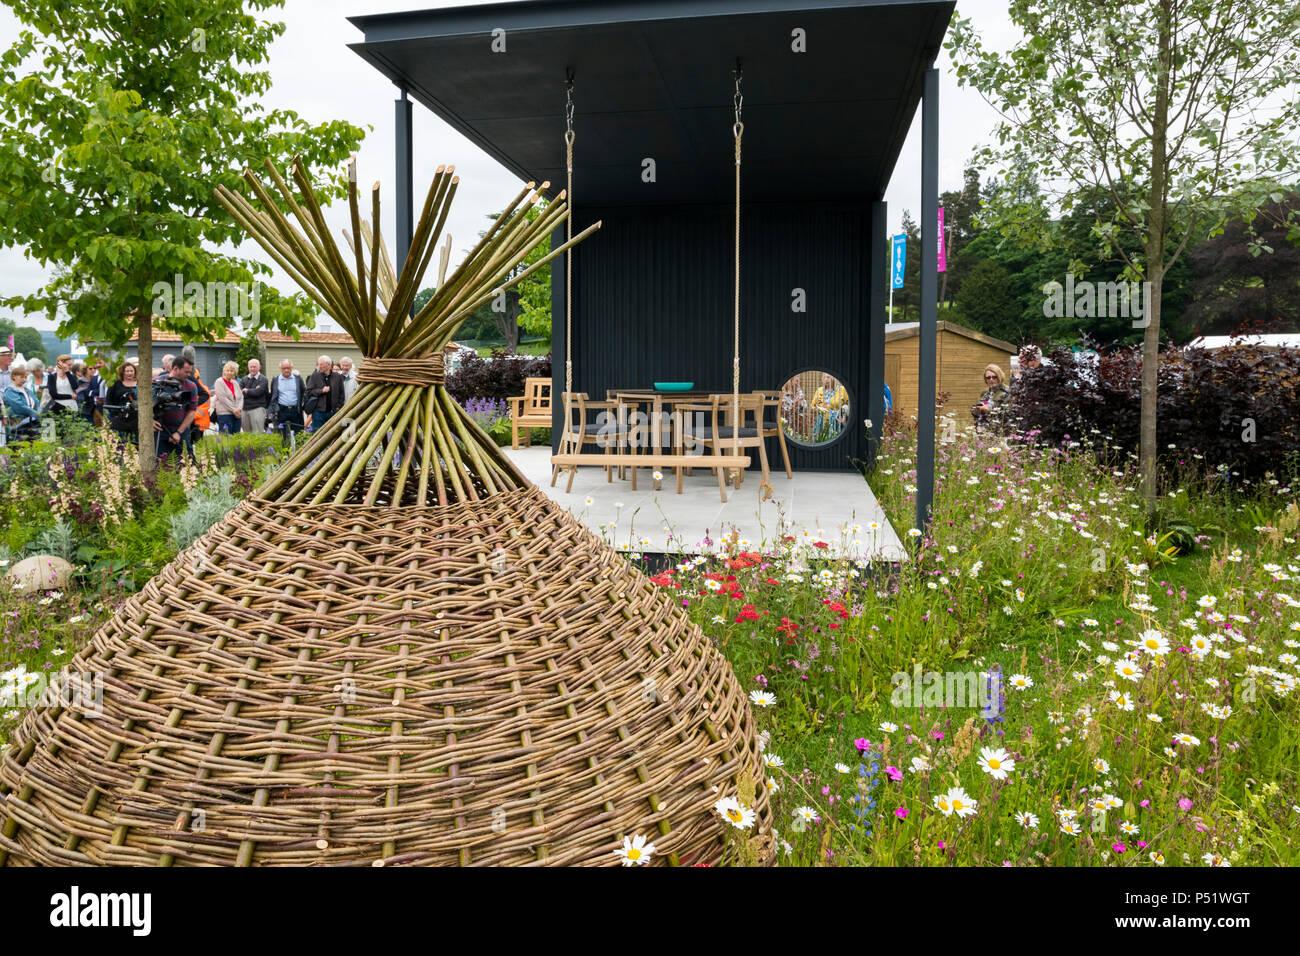 Menschen sehen Pavillion, wunderschöne Wildblumen & rattan Garten - Ccla: eine Familie Garten, RHS Chatsworth Flower Show, Derbyshire, England, UK. Stockfoto